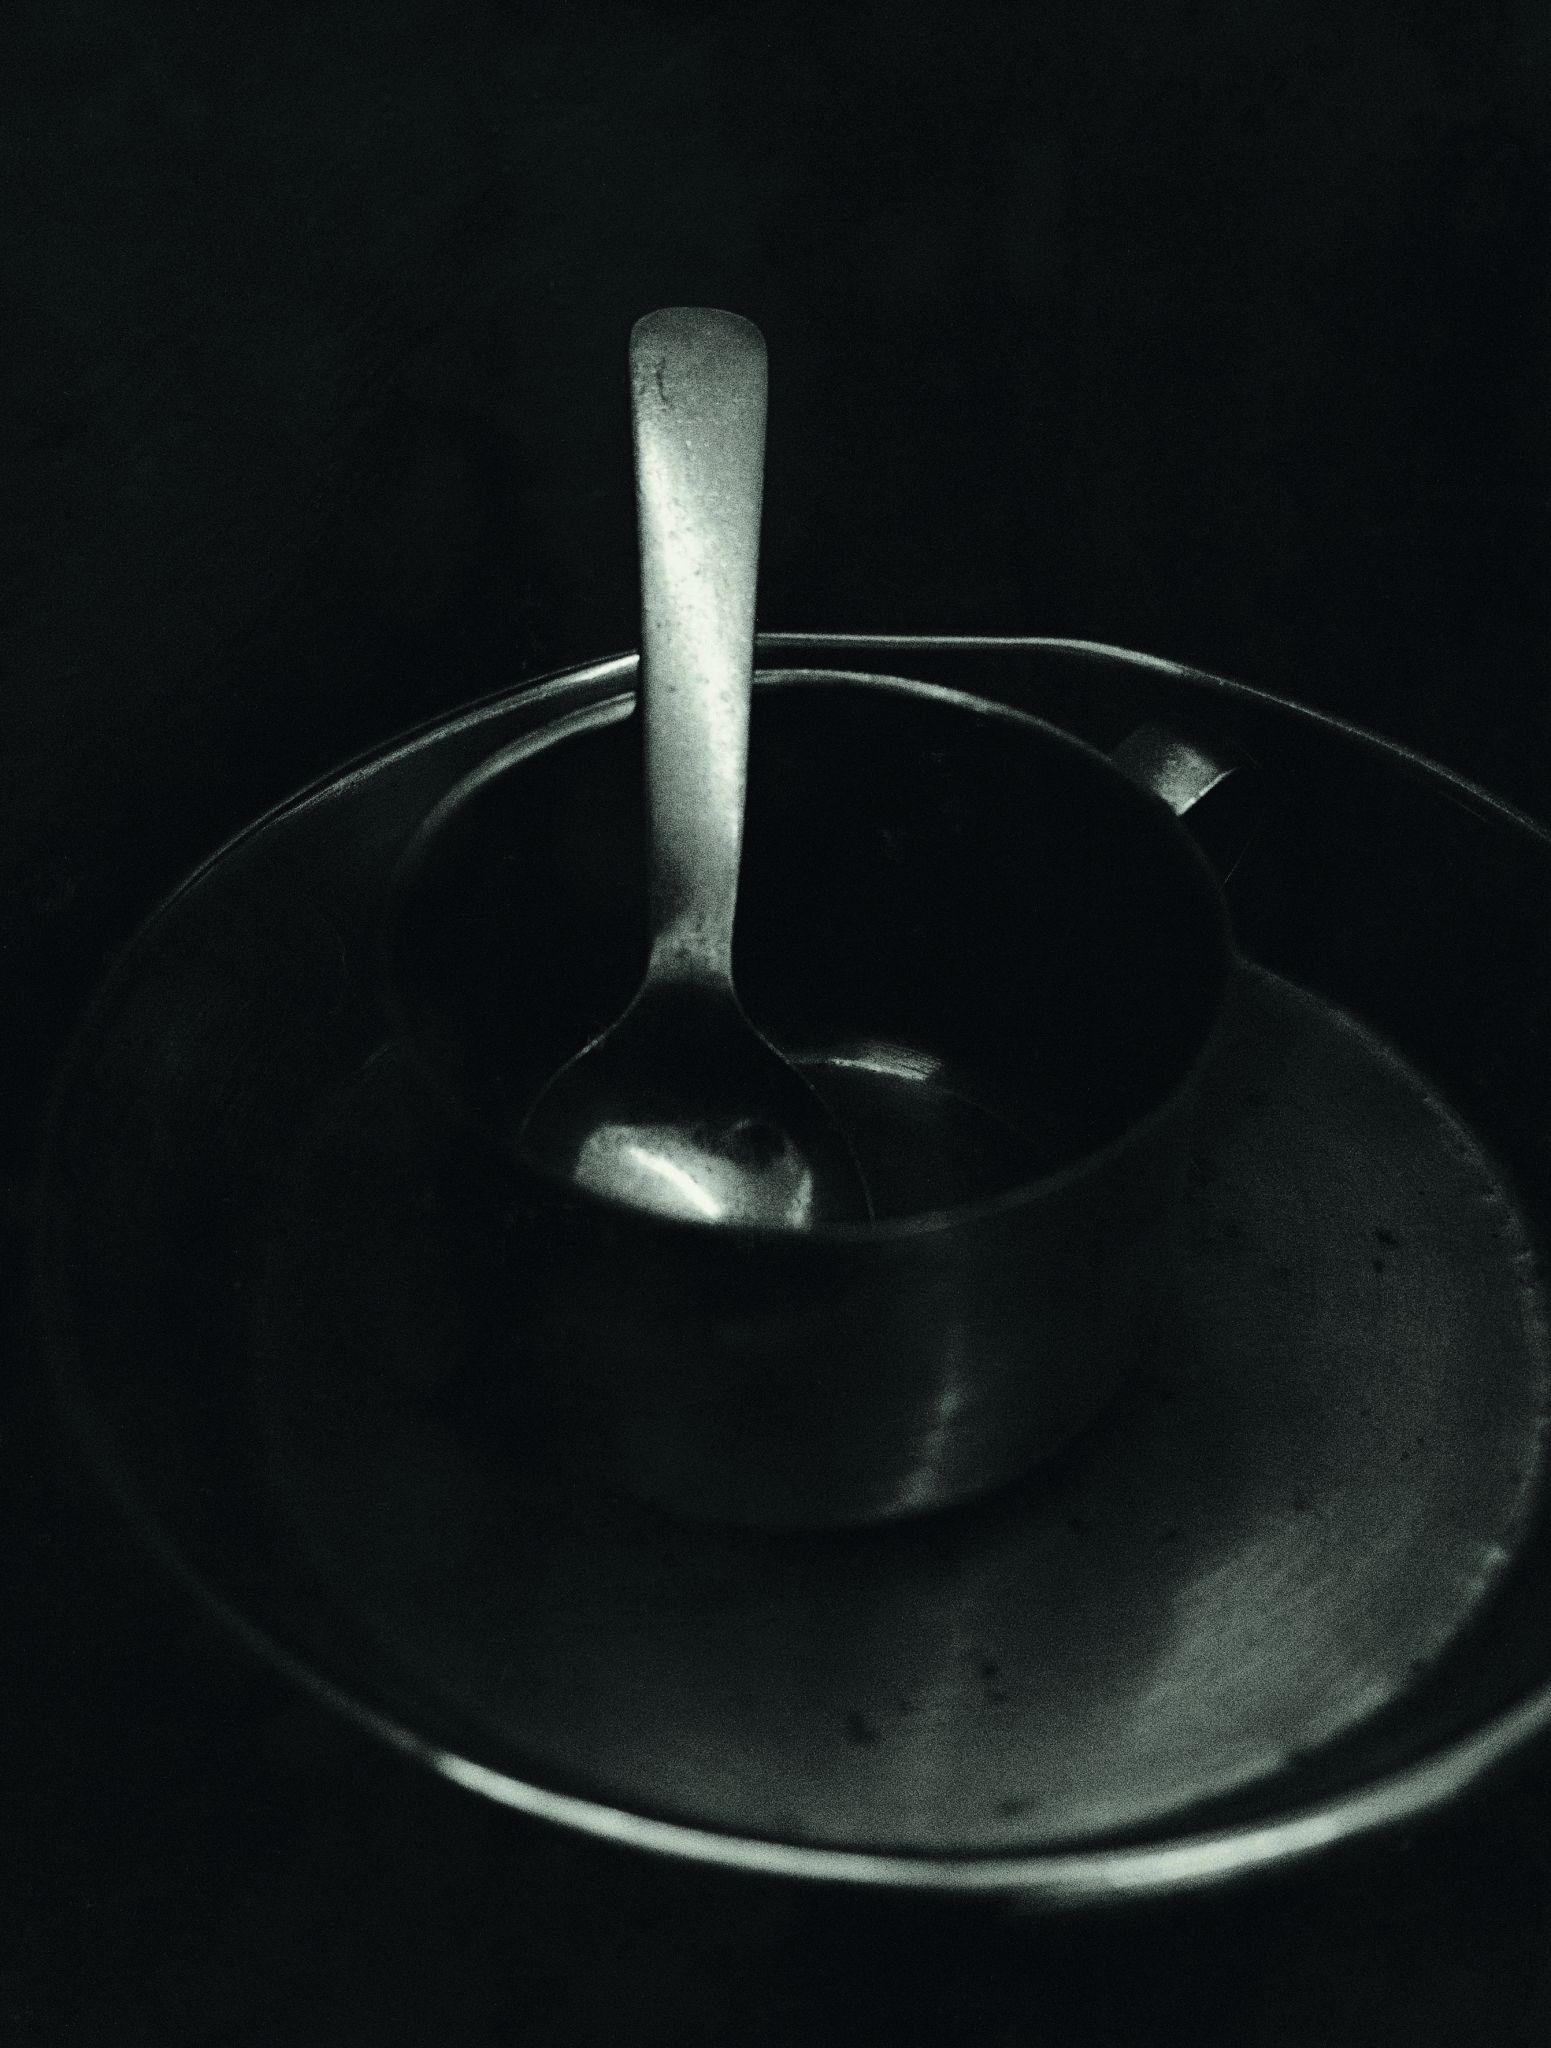 Seus simples utensílios: uma tigela de metal, xícara, prato e colher, 1992, Koto Bolofo